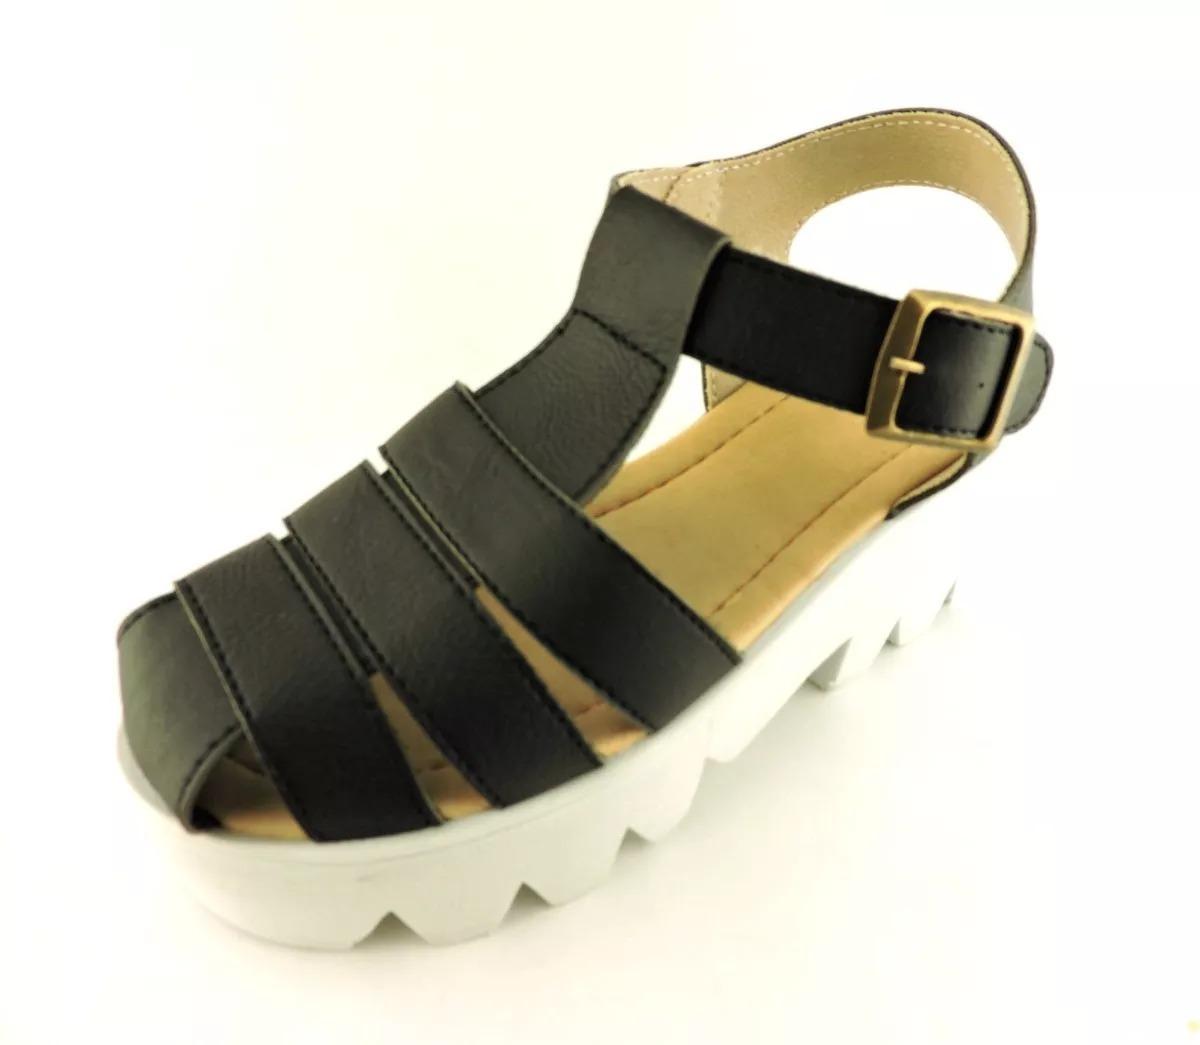 48a766ec9 sandalias nenas plataforma franciscanas taco oferta liquidac. Cargando zoom.